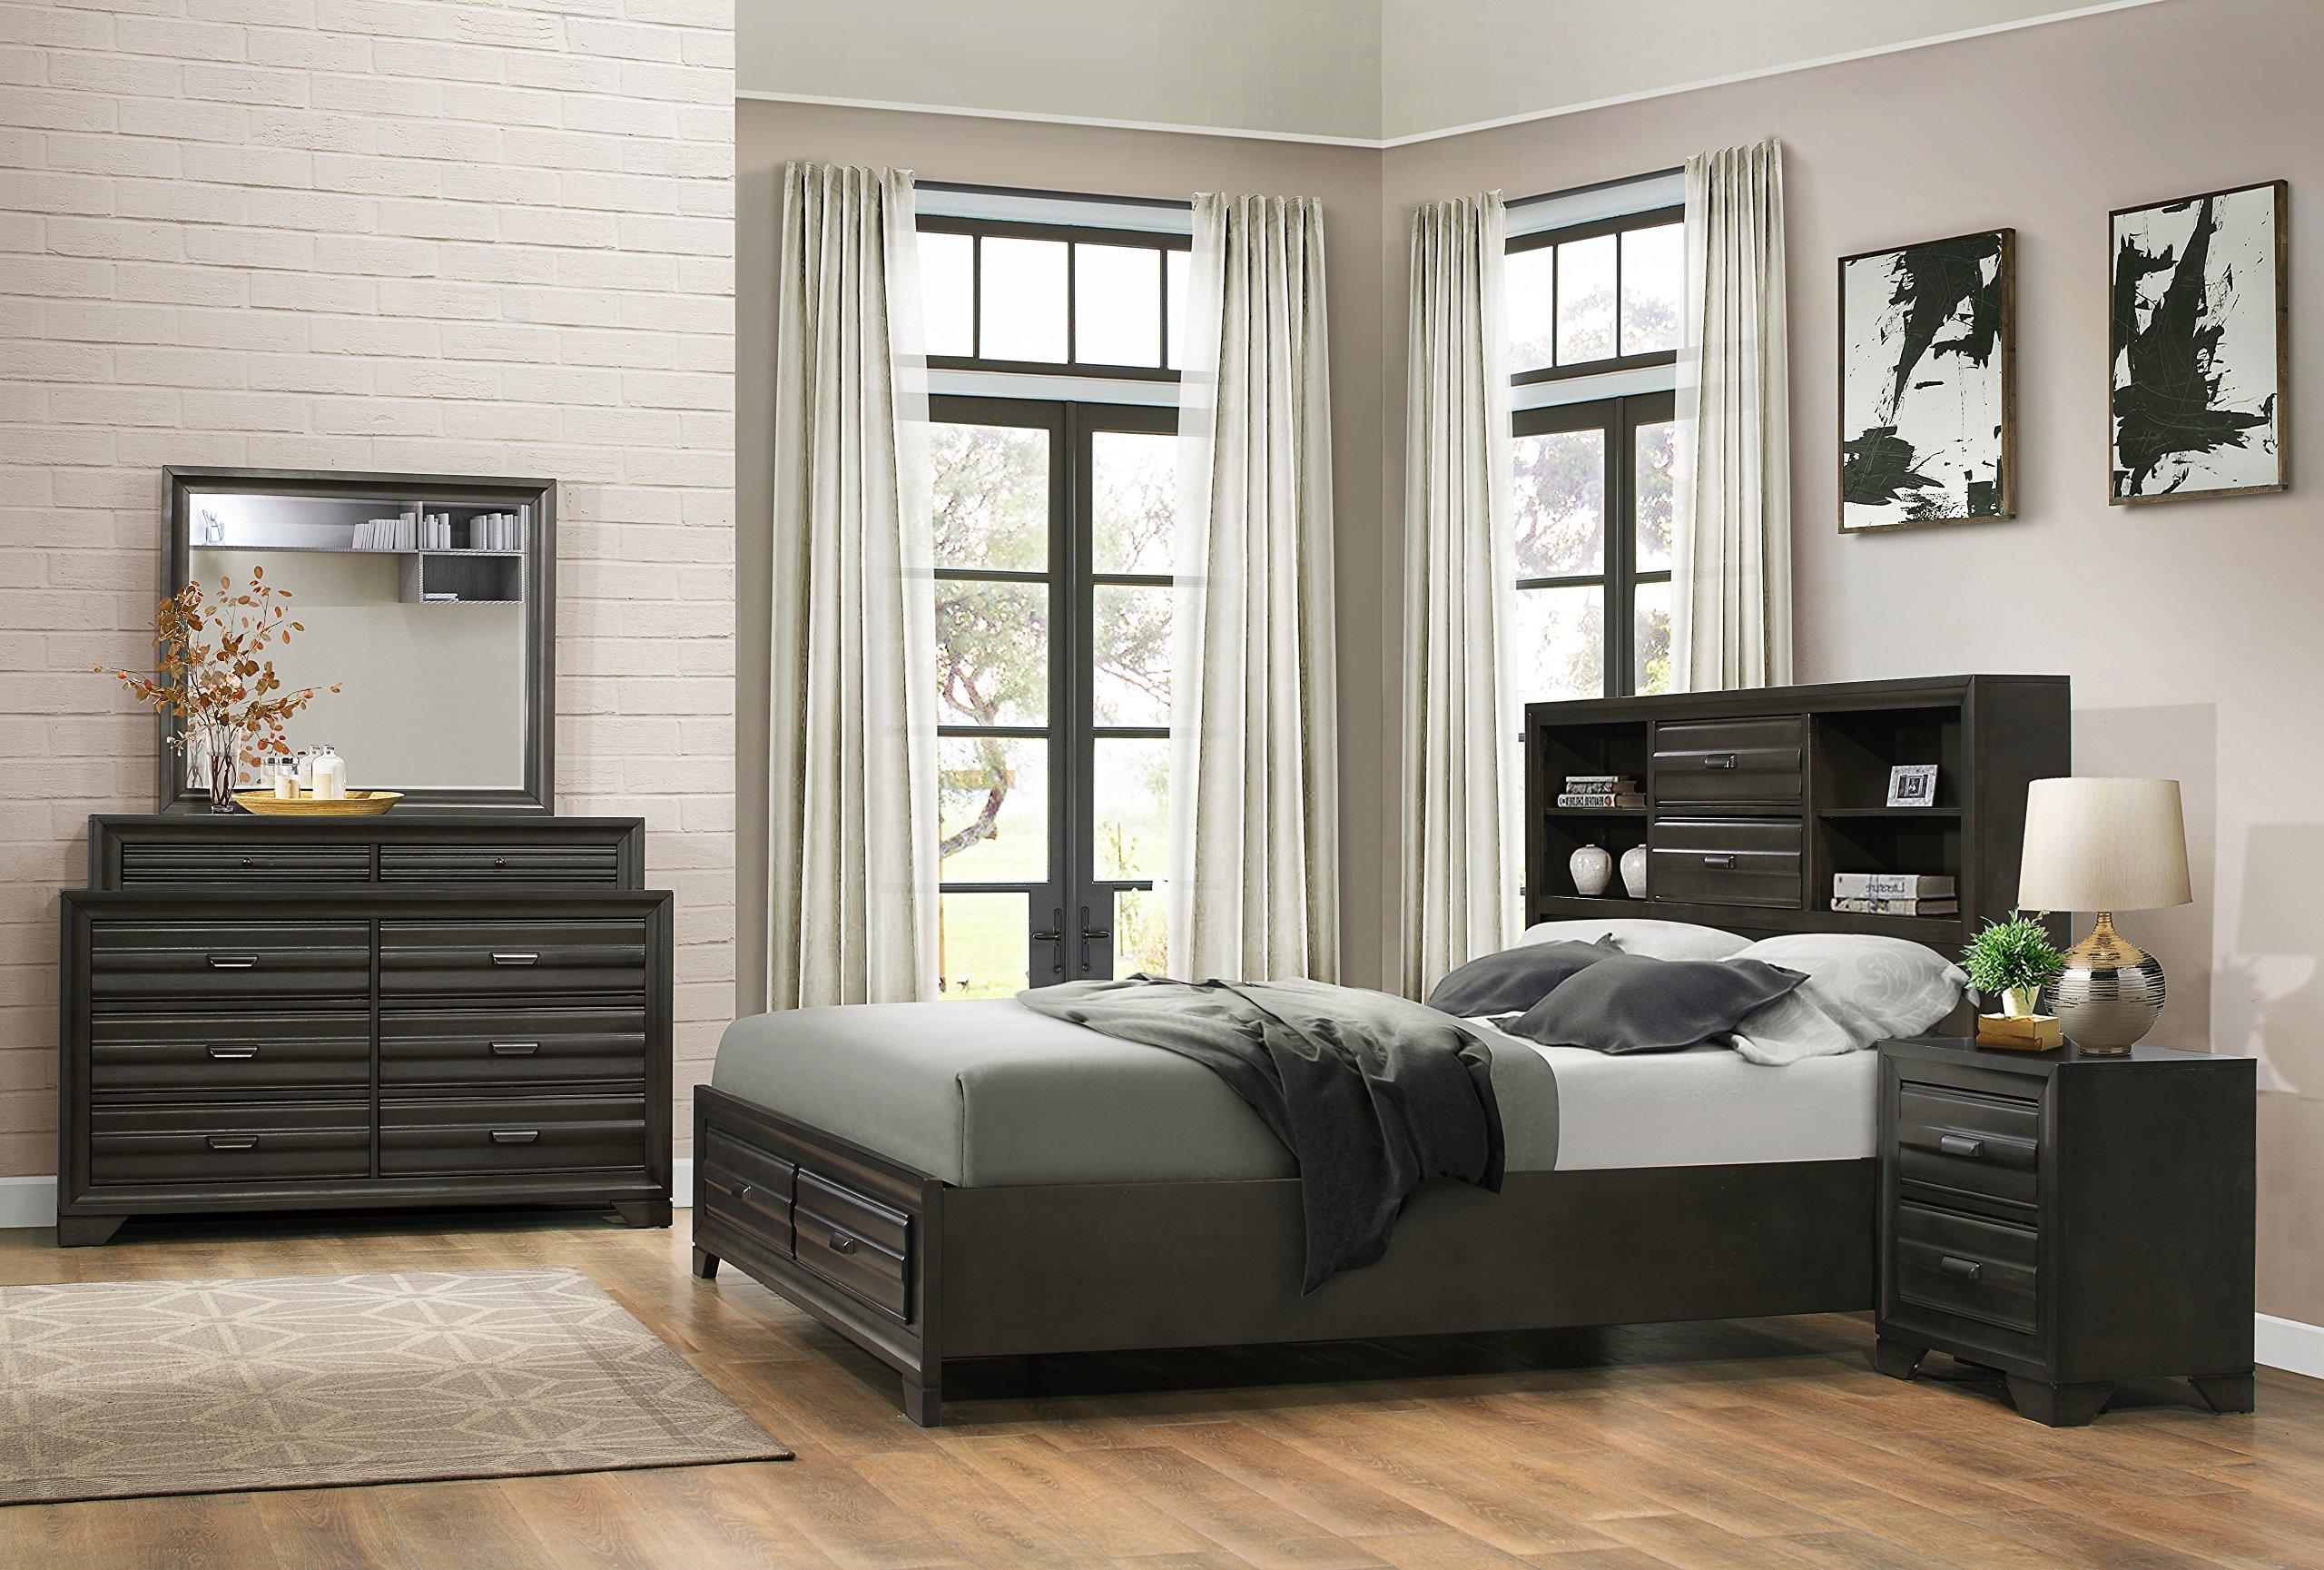 Roundhill Furniture Loiret 236 Antique Grey Bed Room Set/Queen Storage Bed/Dresser/Mirror/Night Stand